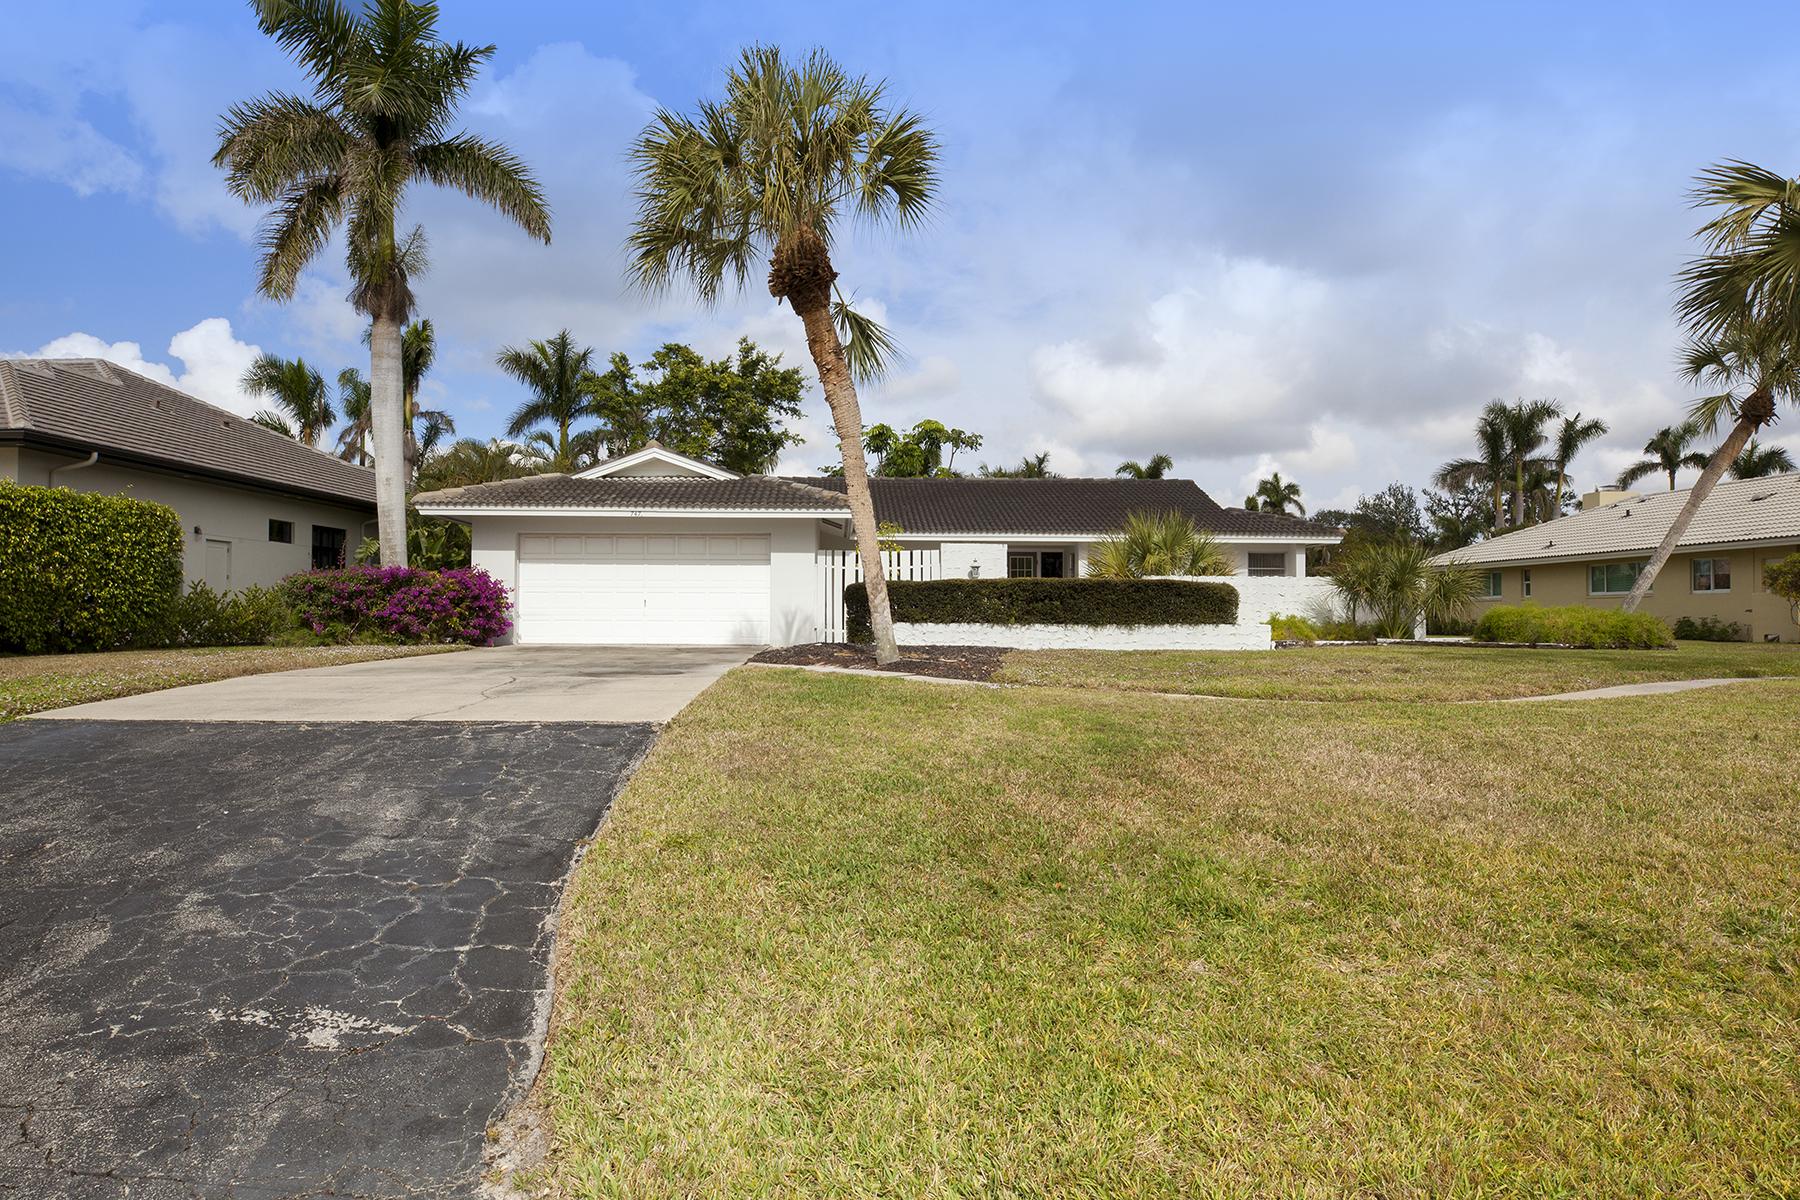 Single Family Home for Sale at PARK SHORE - PARK SHORE 747 Park Shore Dr, Naples, Florida 34103 United States